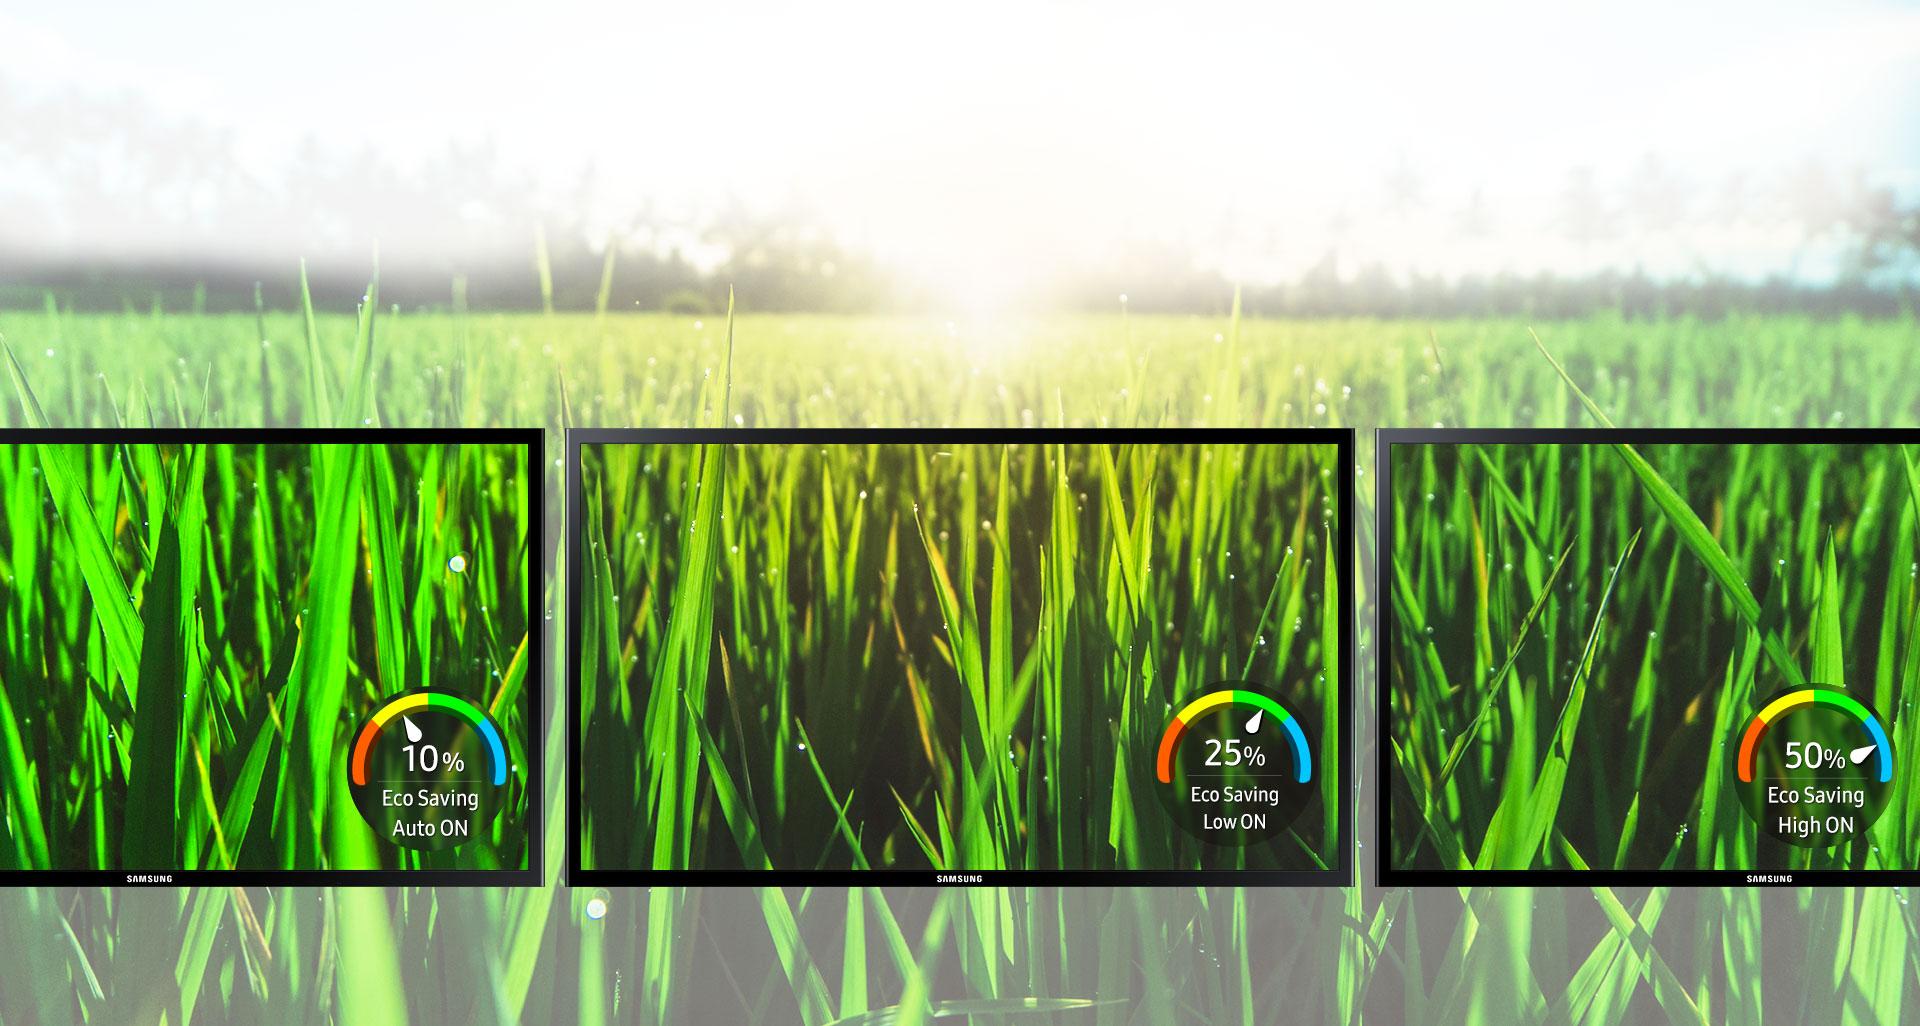 Samsung eko-oszczędności technologia redukuje zużycie energii i wpływu na środowisko